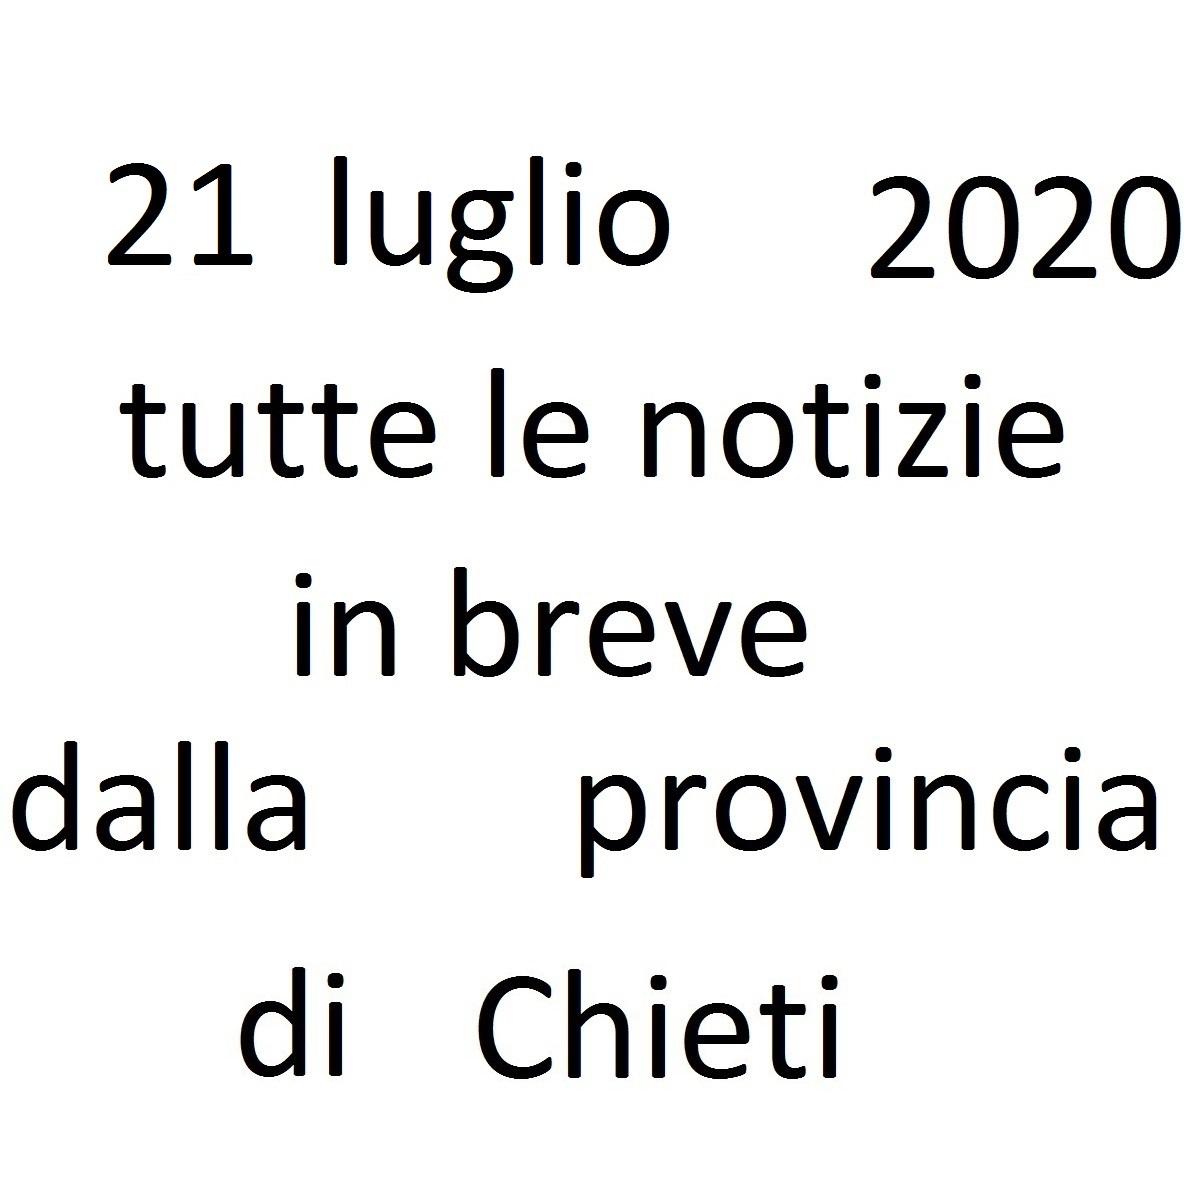 21 luglio 2020 notizie in breve dalla Provincia di Chieti foto